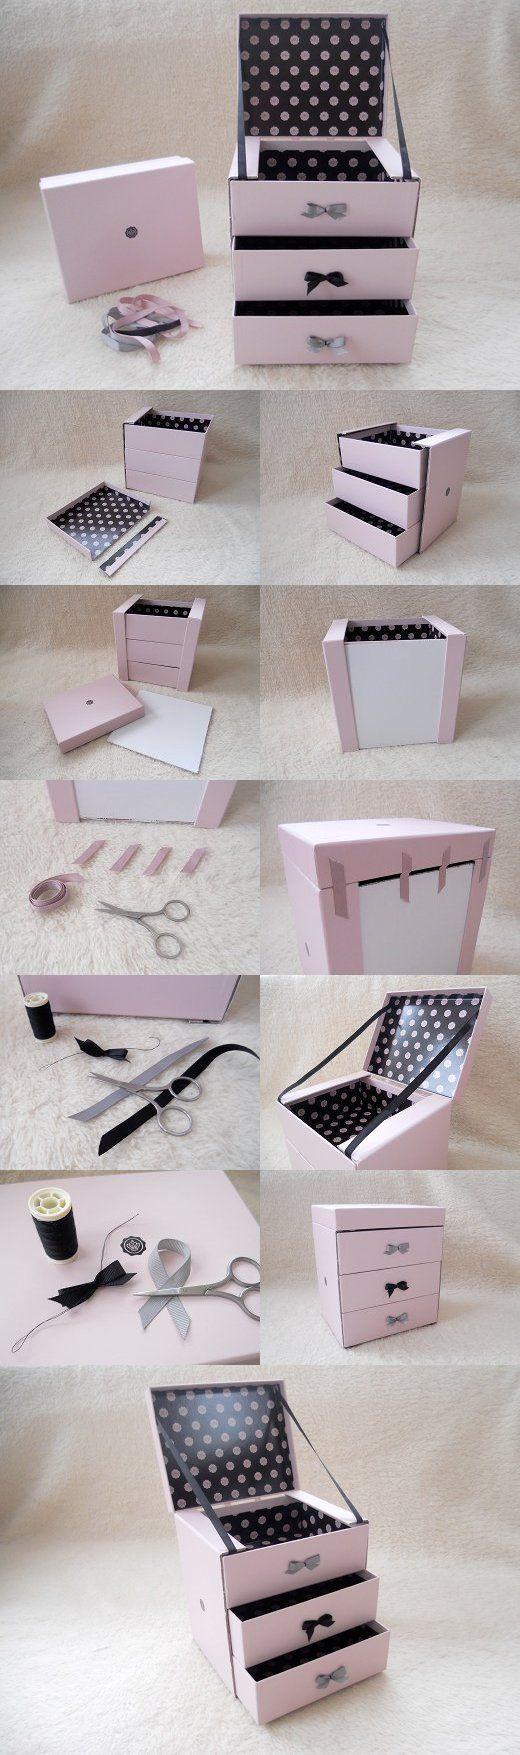 Petite idée de recyclage pour les boîtes glossybox.: